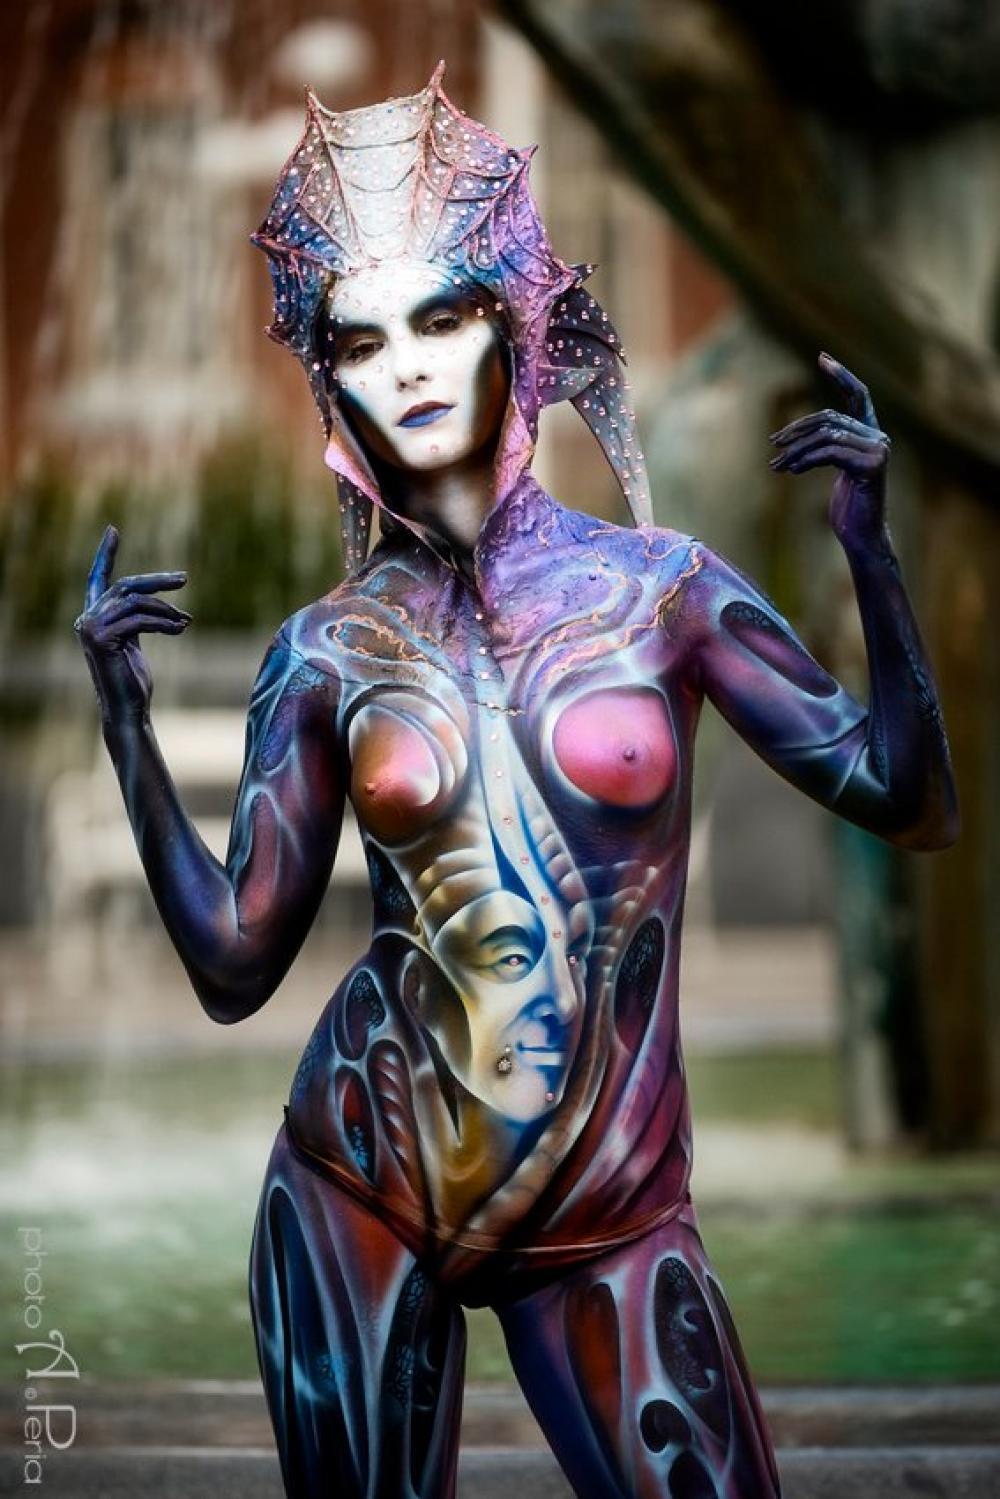 Le modelle del Swiss Bodypainting Art Festival 2013